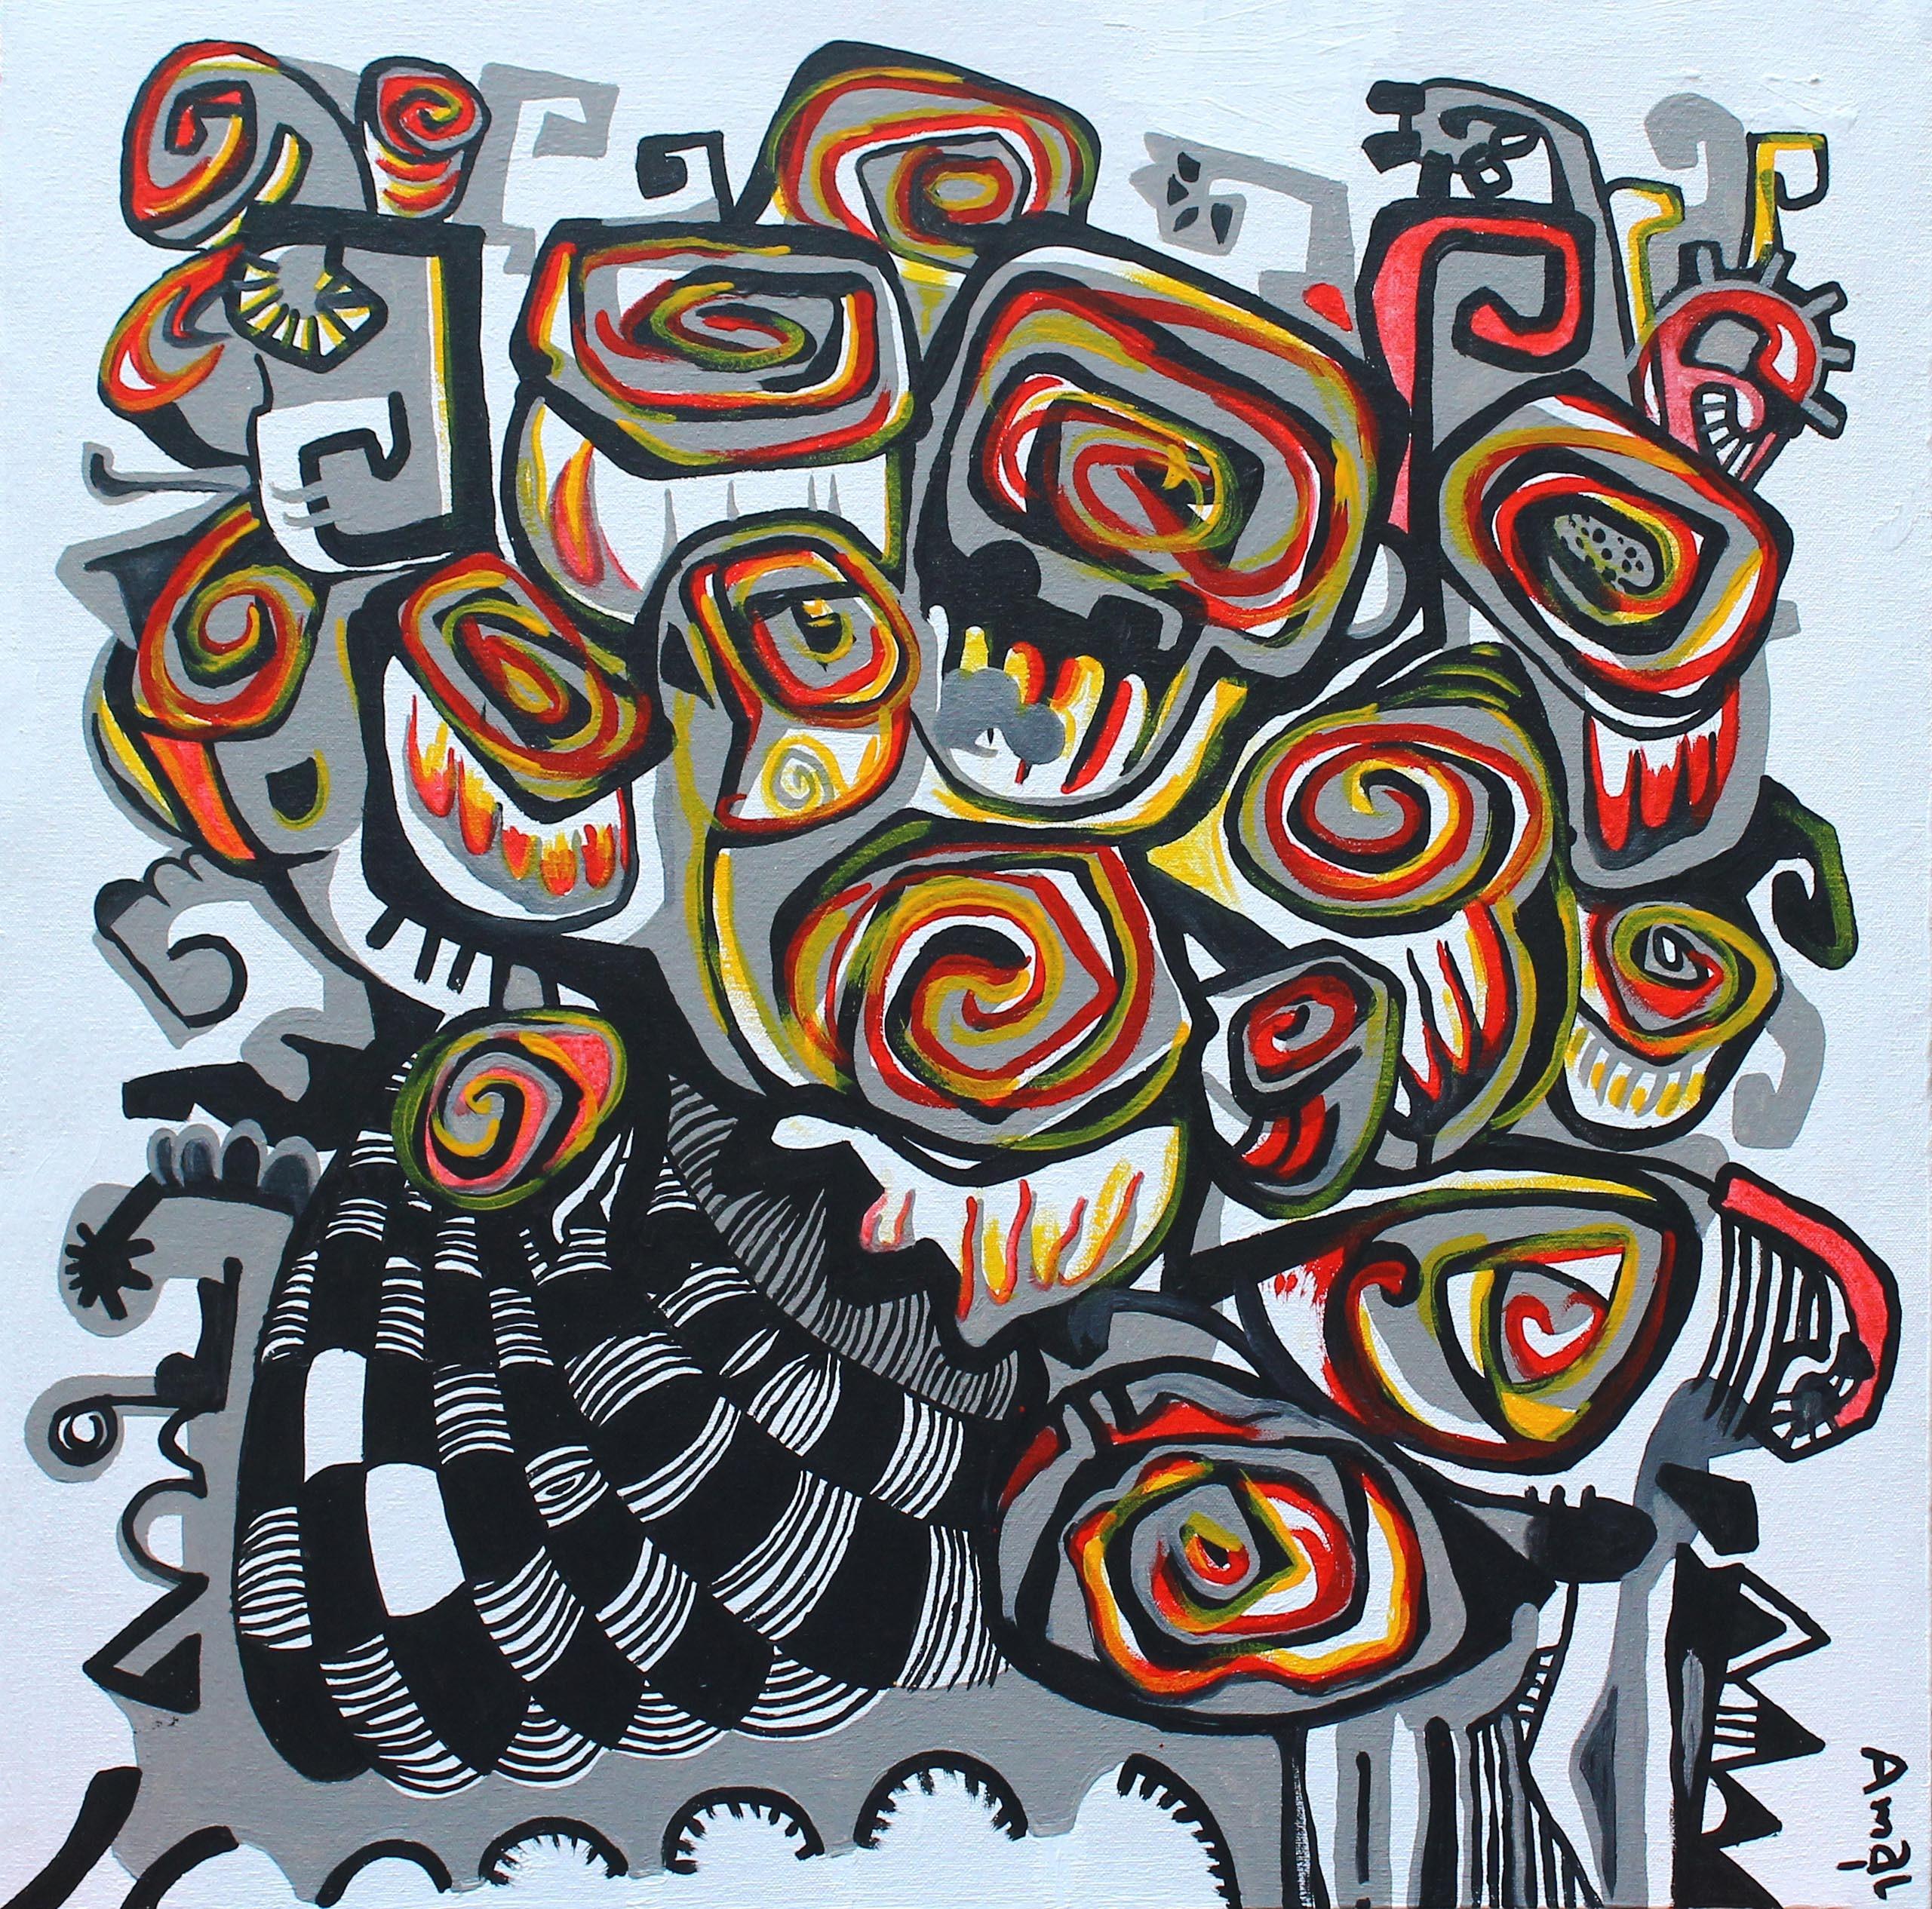 Black Roses by Amal Samaramanna